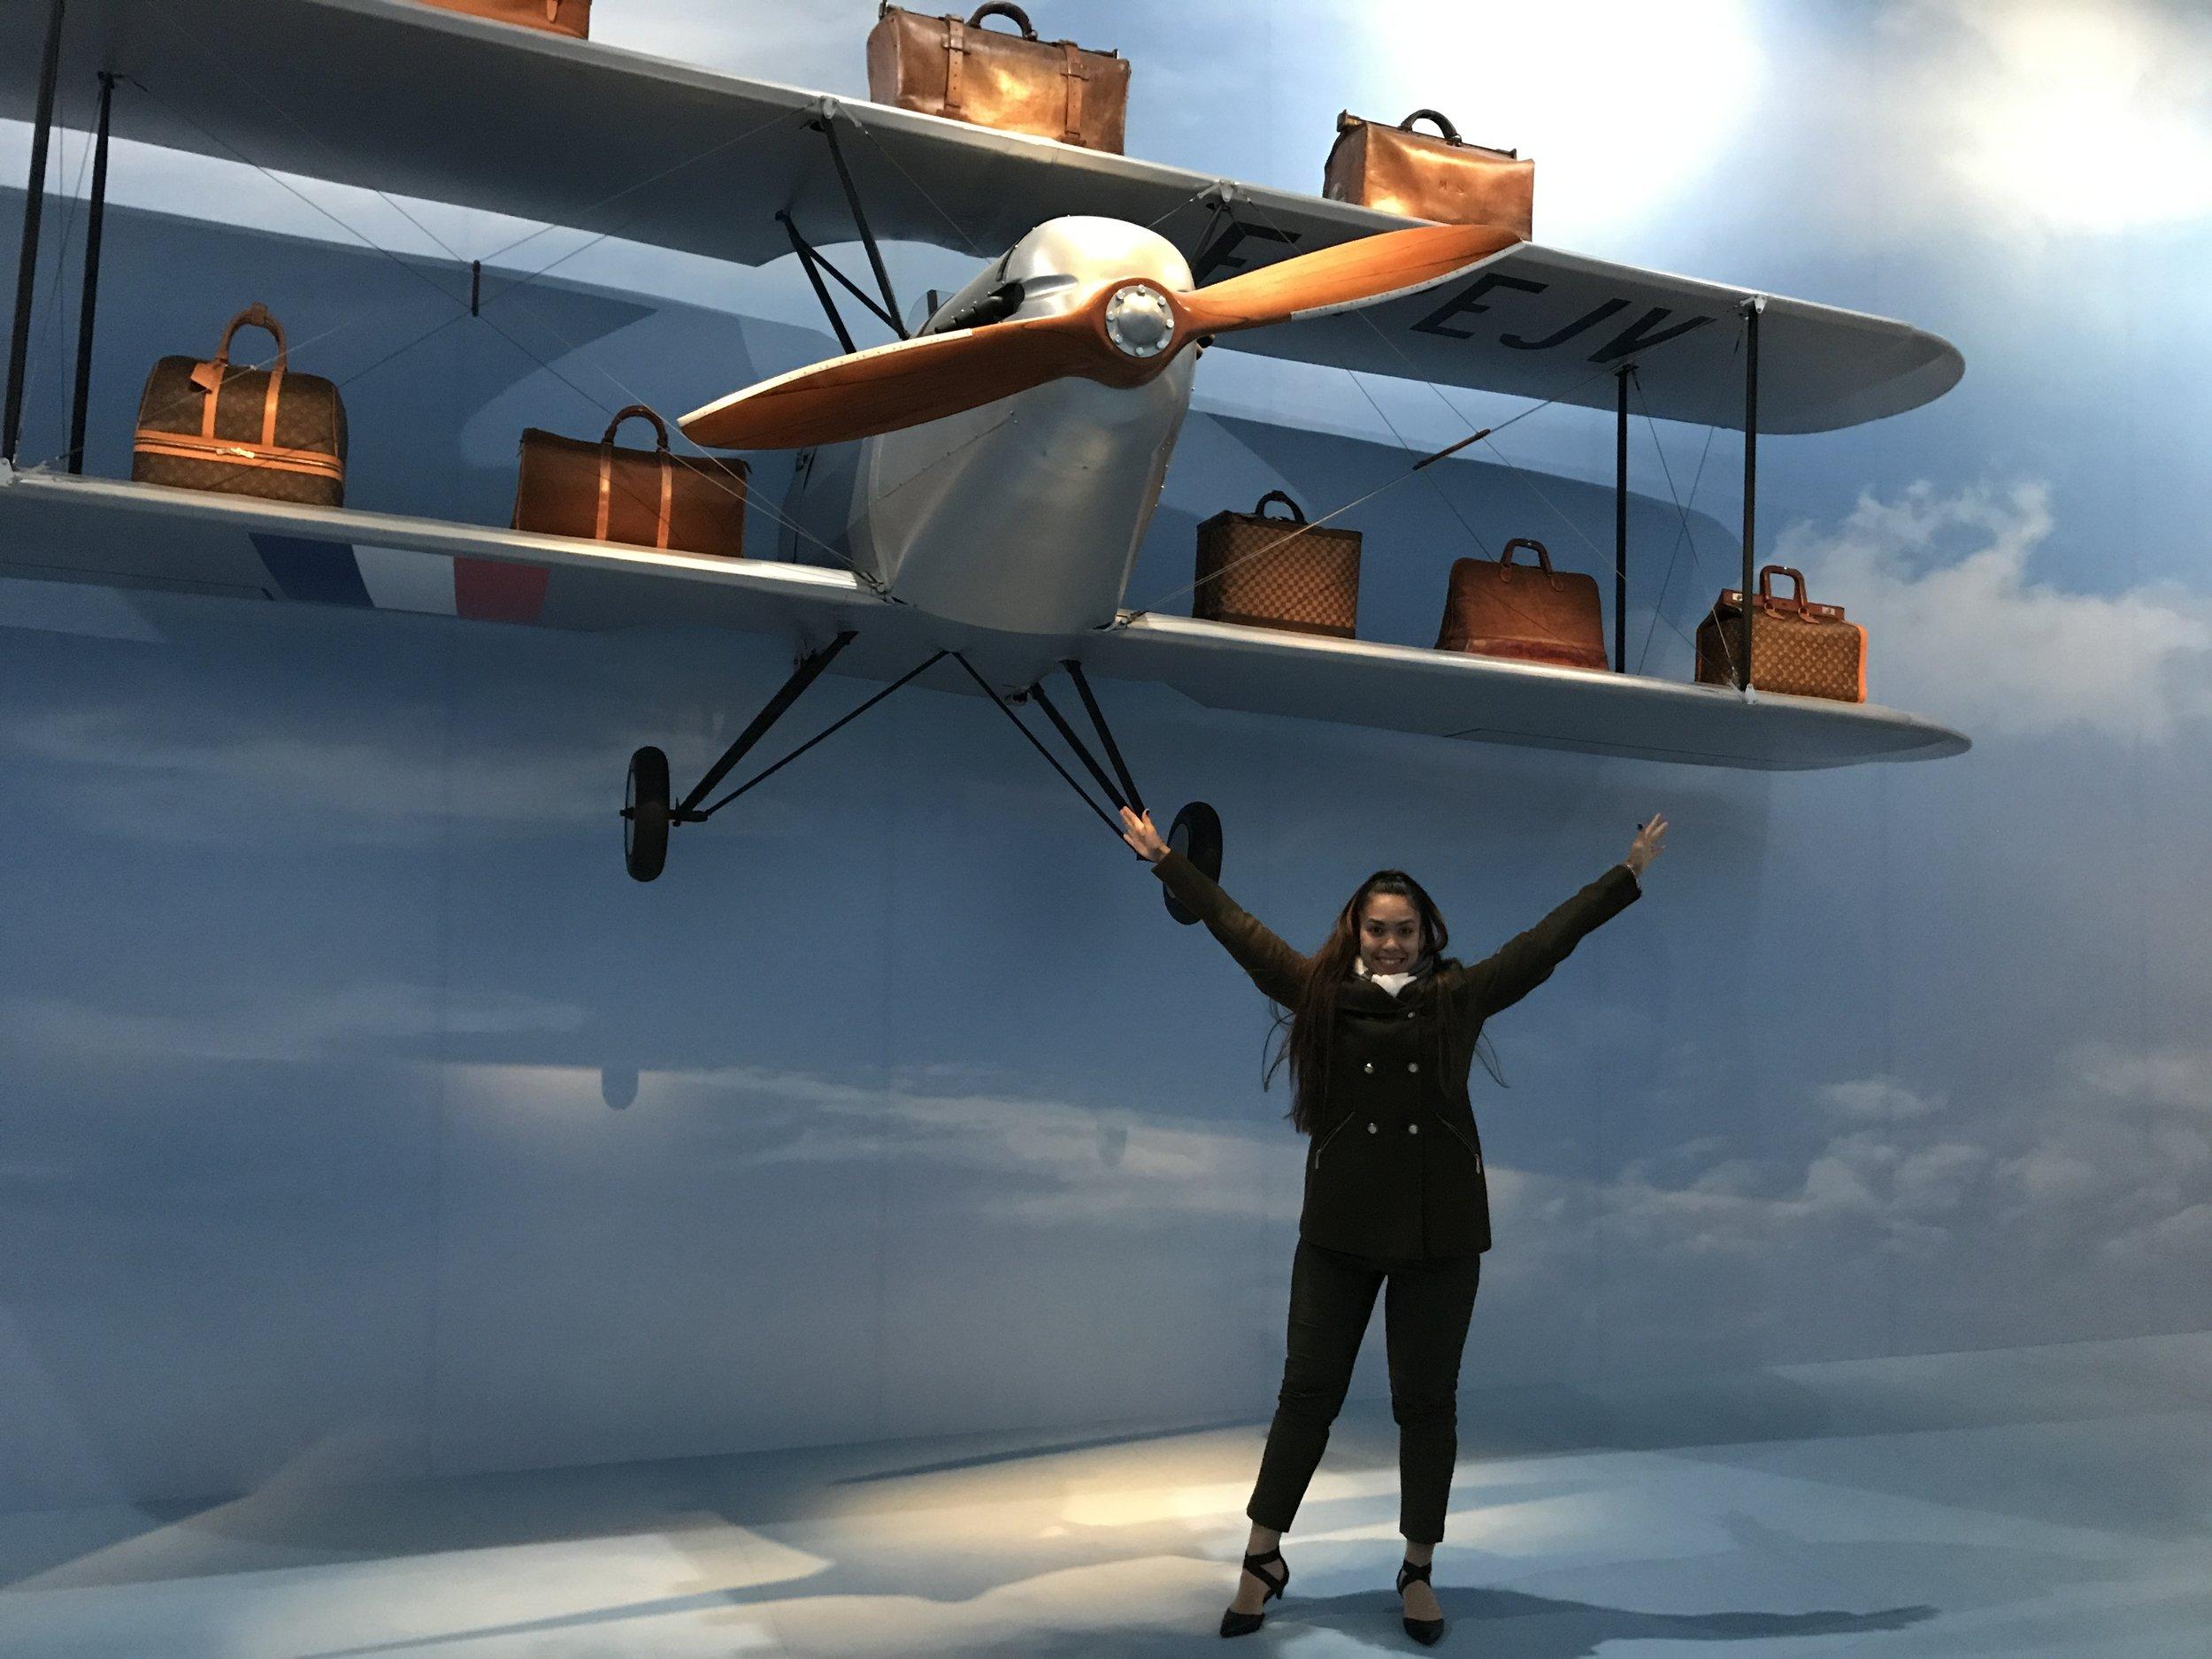 louis Vuitton exhibition plane